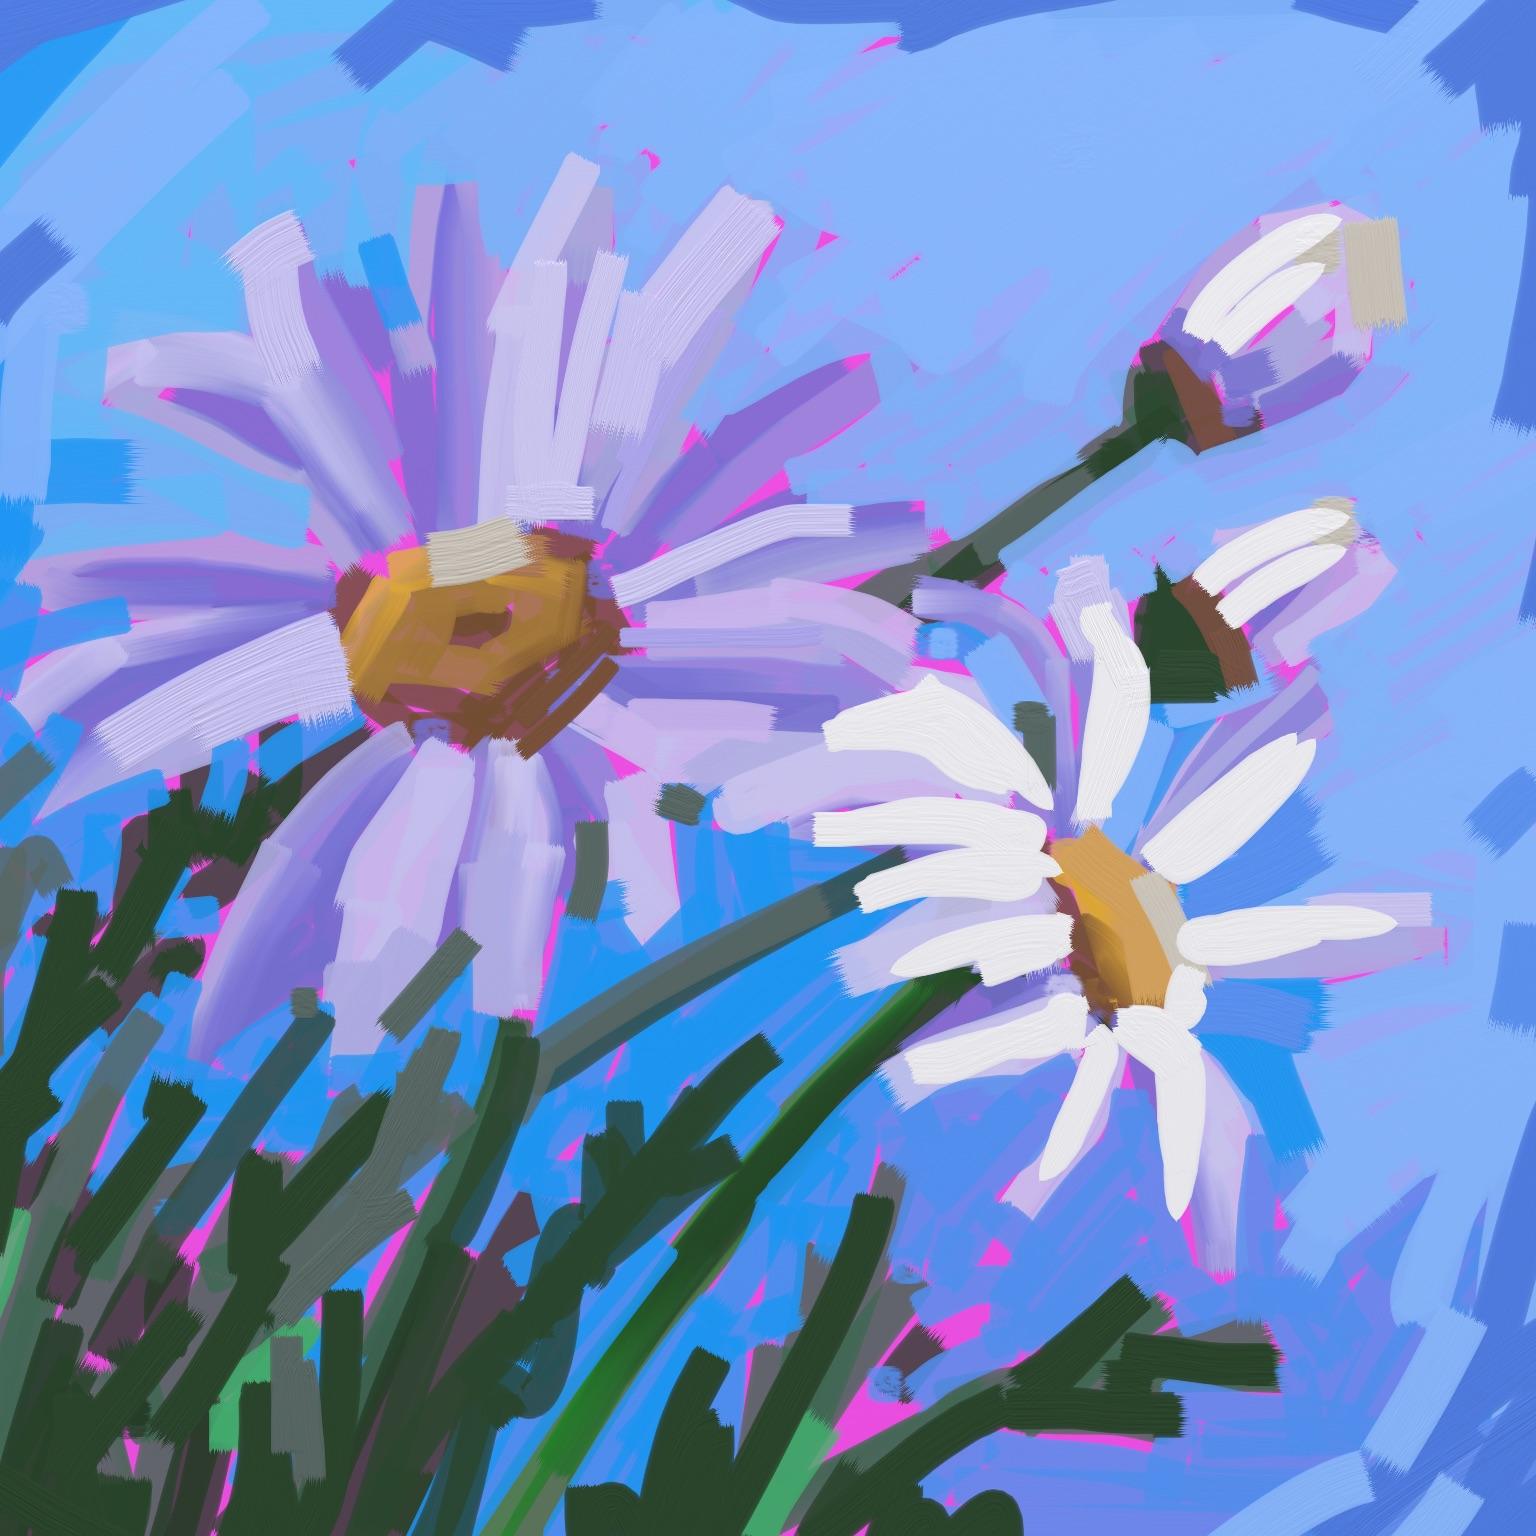 Daisy_1.jpg